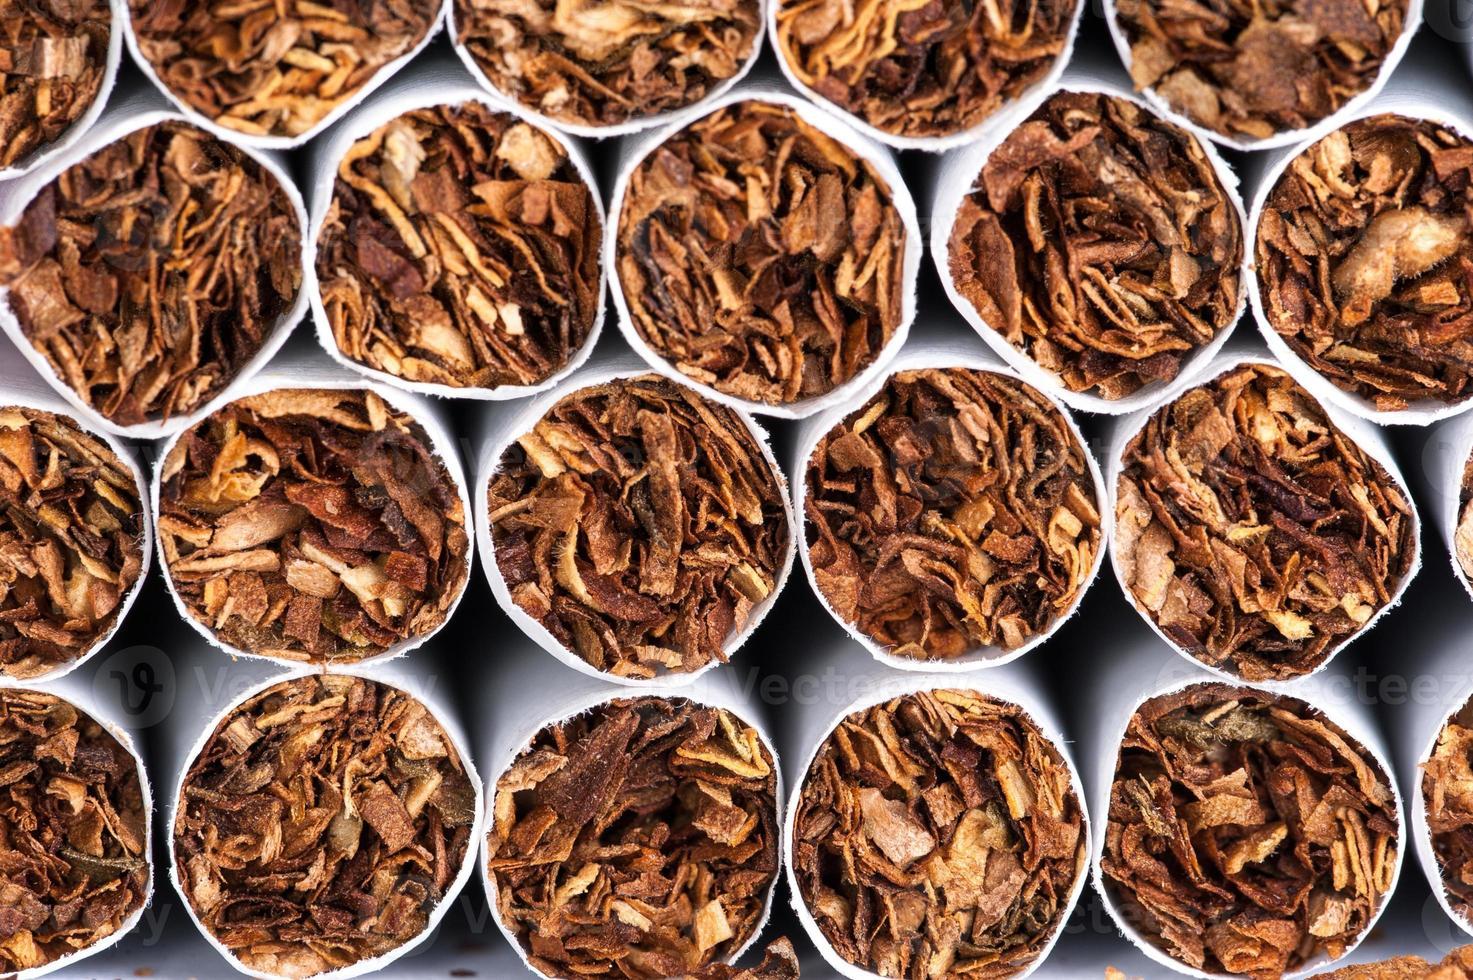 tabacco nelle sigarette foto